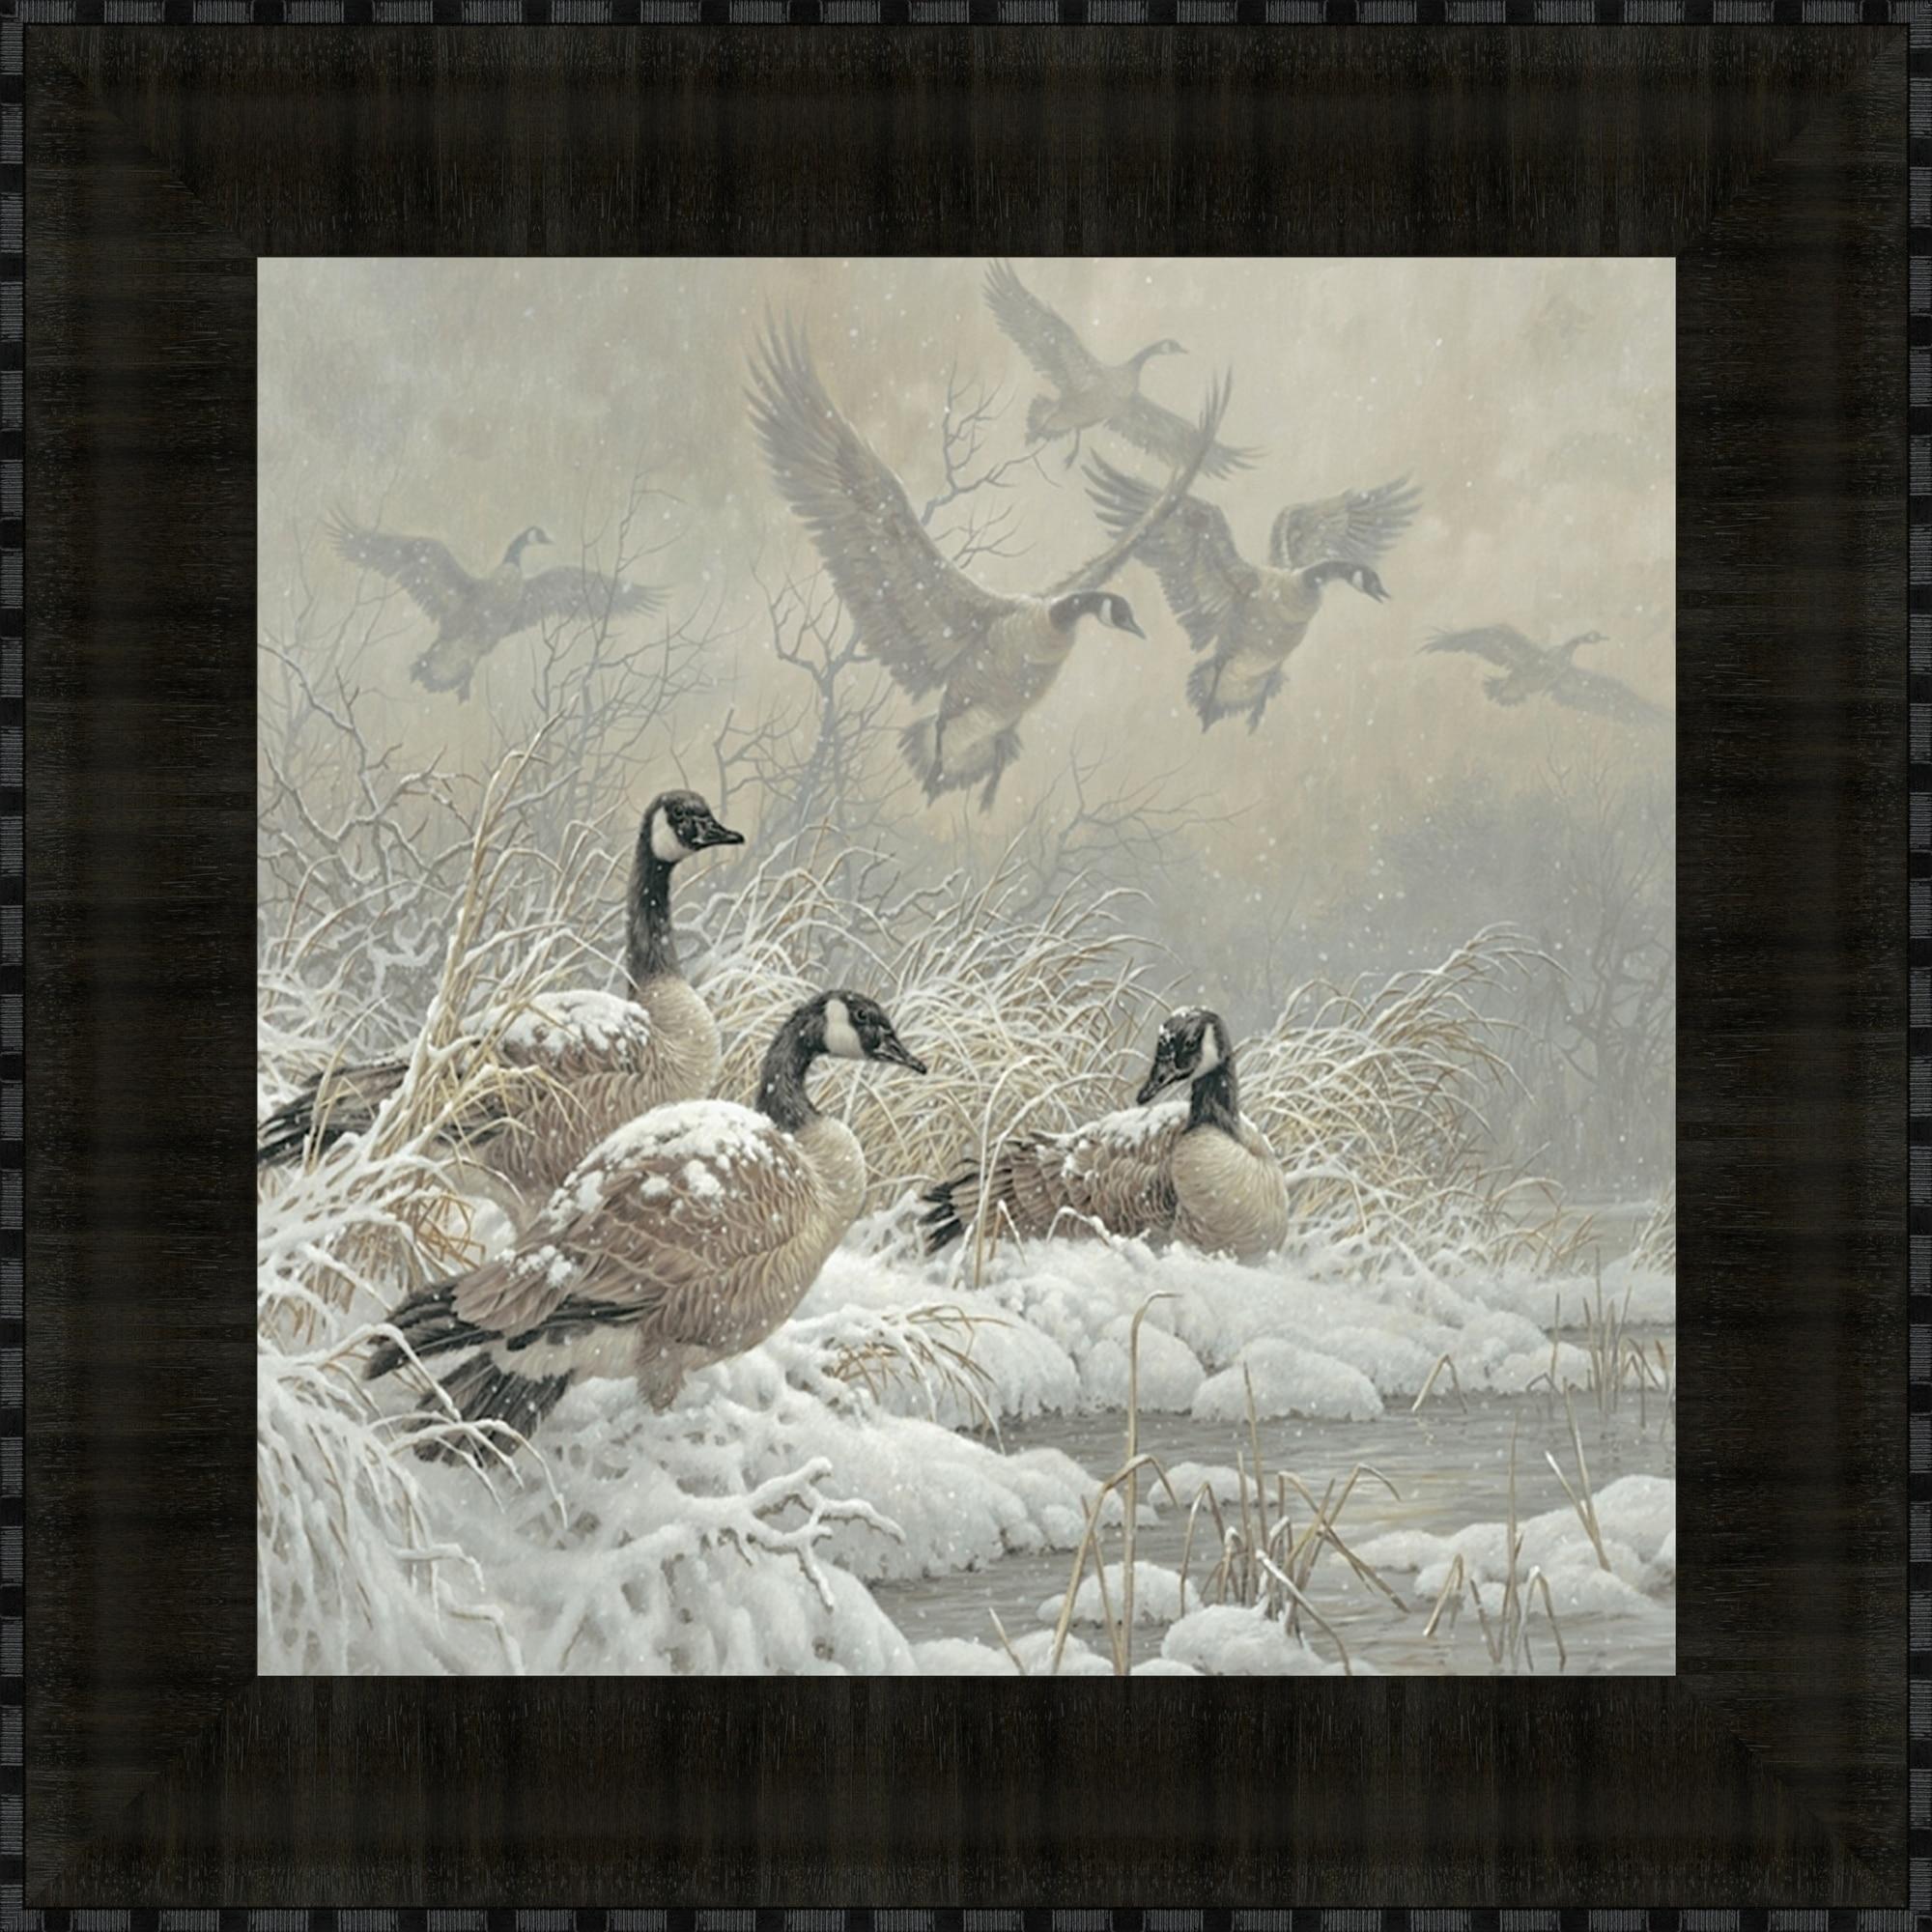 Tangletow Winter Retreat By Larry E. Fanning, Fine Art Pr...